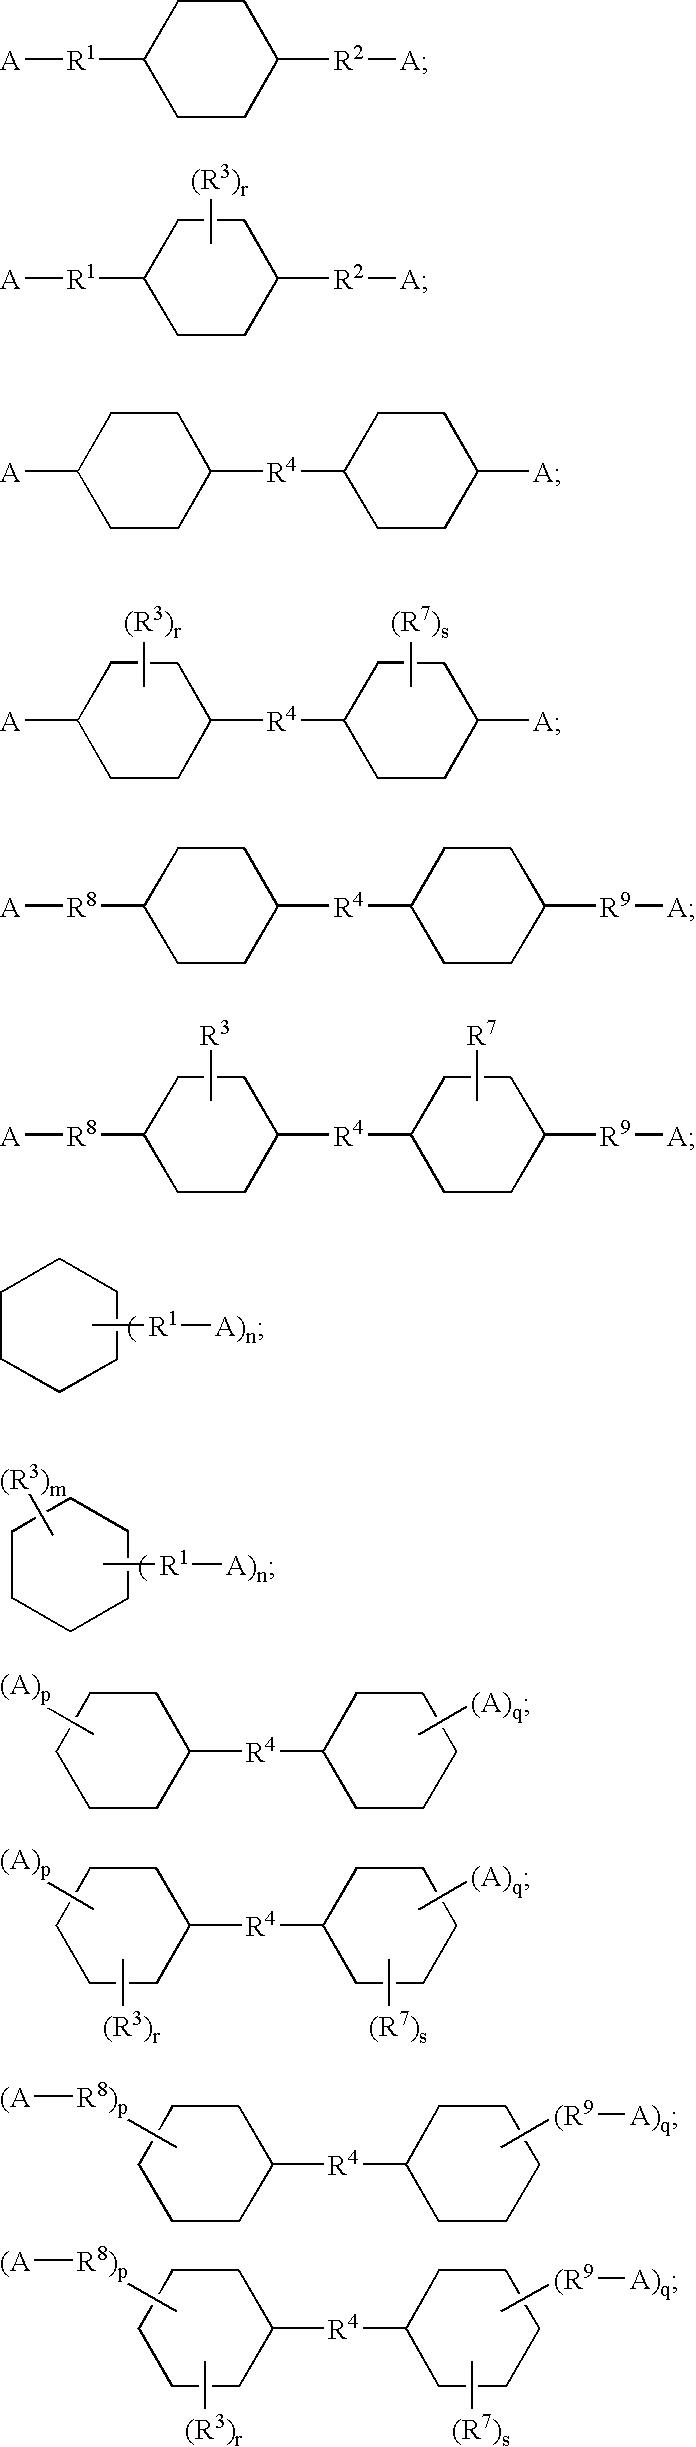 Figure US20030236388A1-20031225-C00013